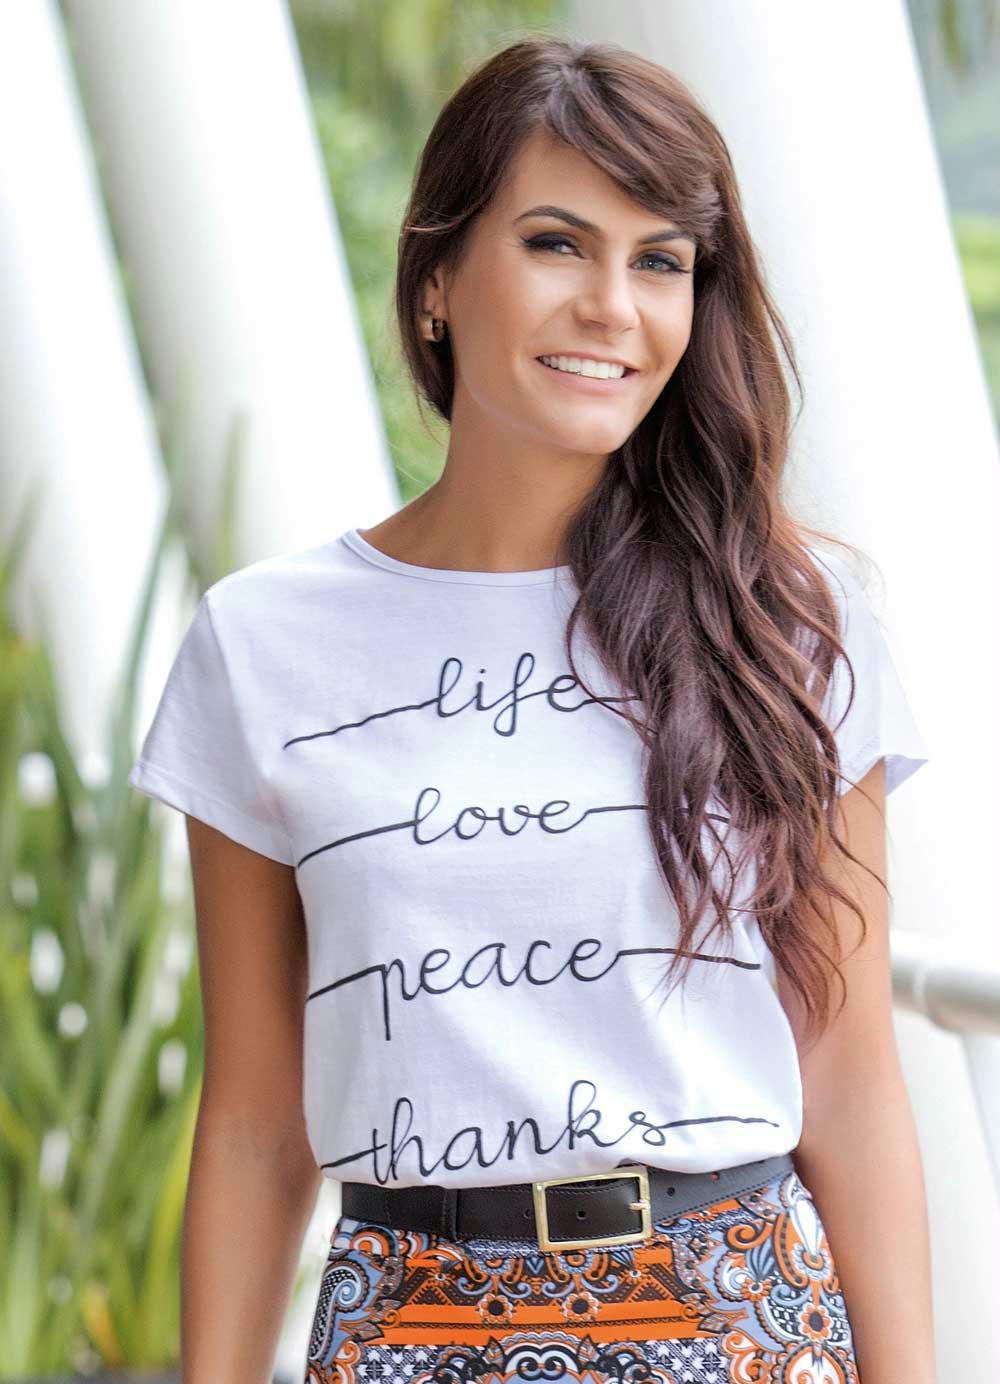 cee6ce998d Blusa com Estampa Branca Moda Evangélica - Rosalie